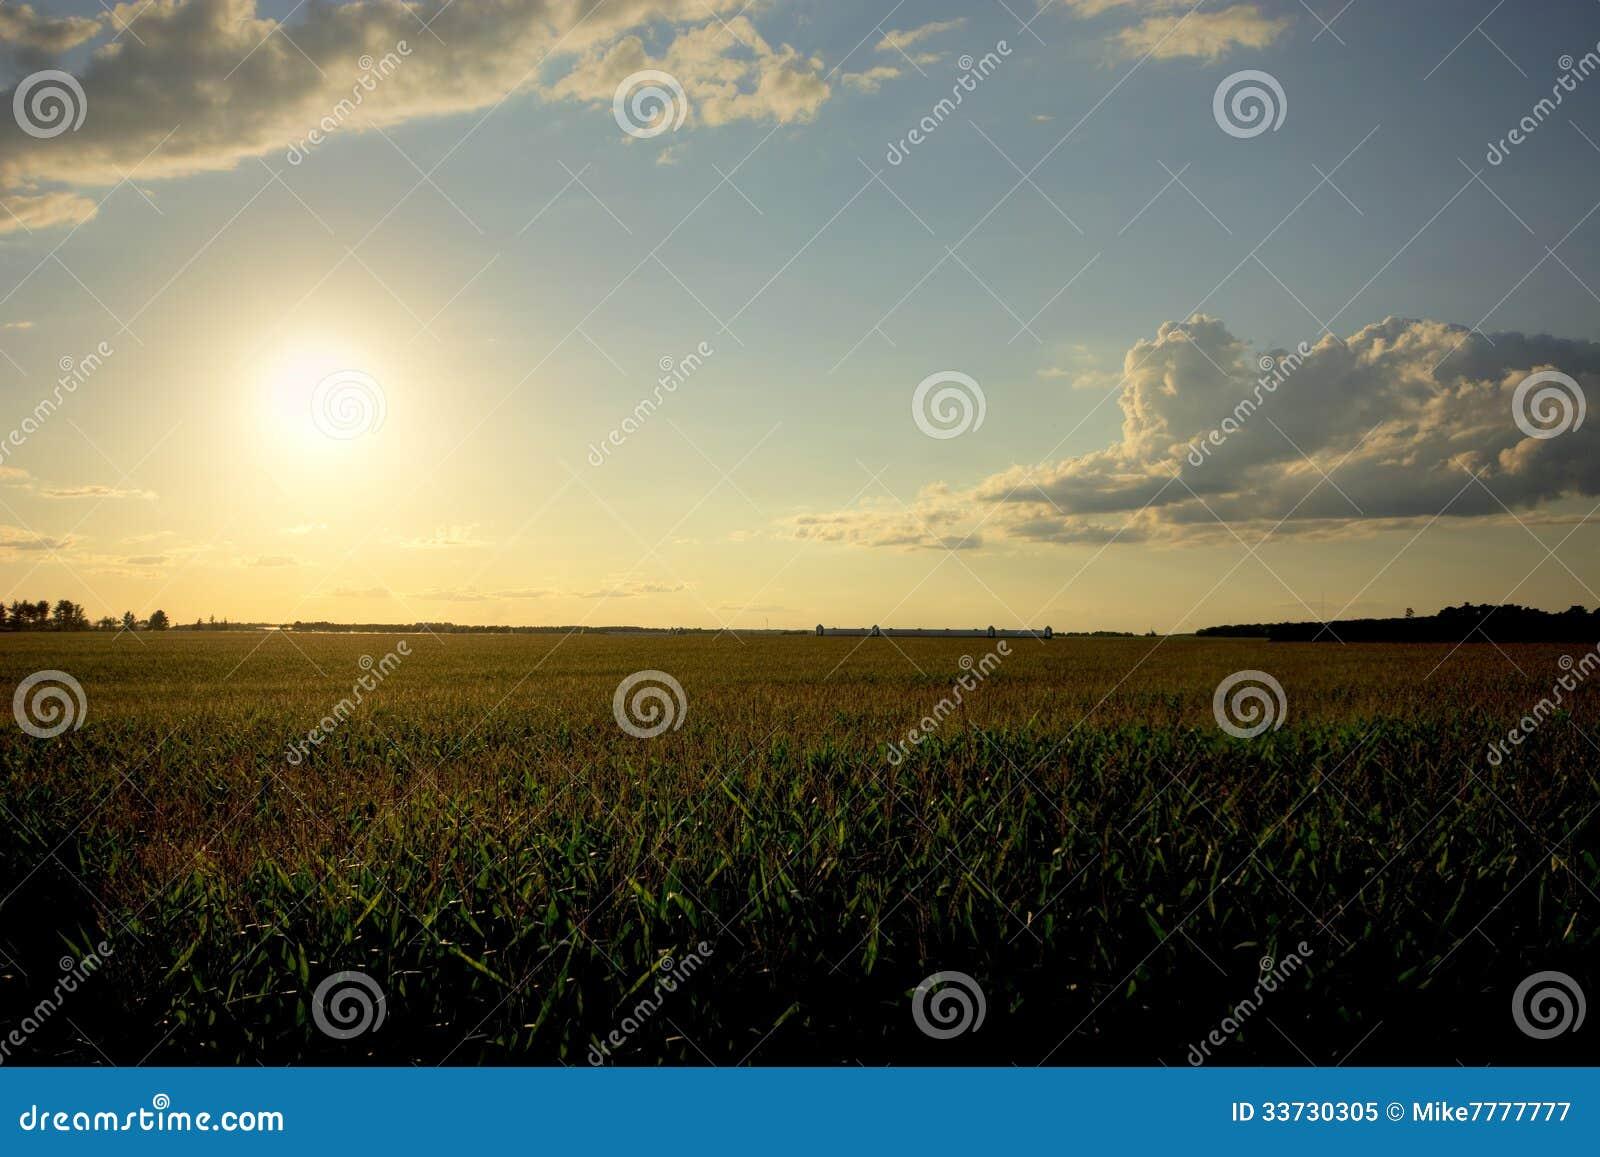 Заходящее солнце над кукурузным полем, Midwest, США